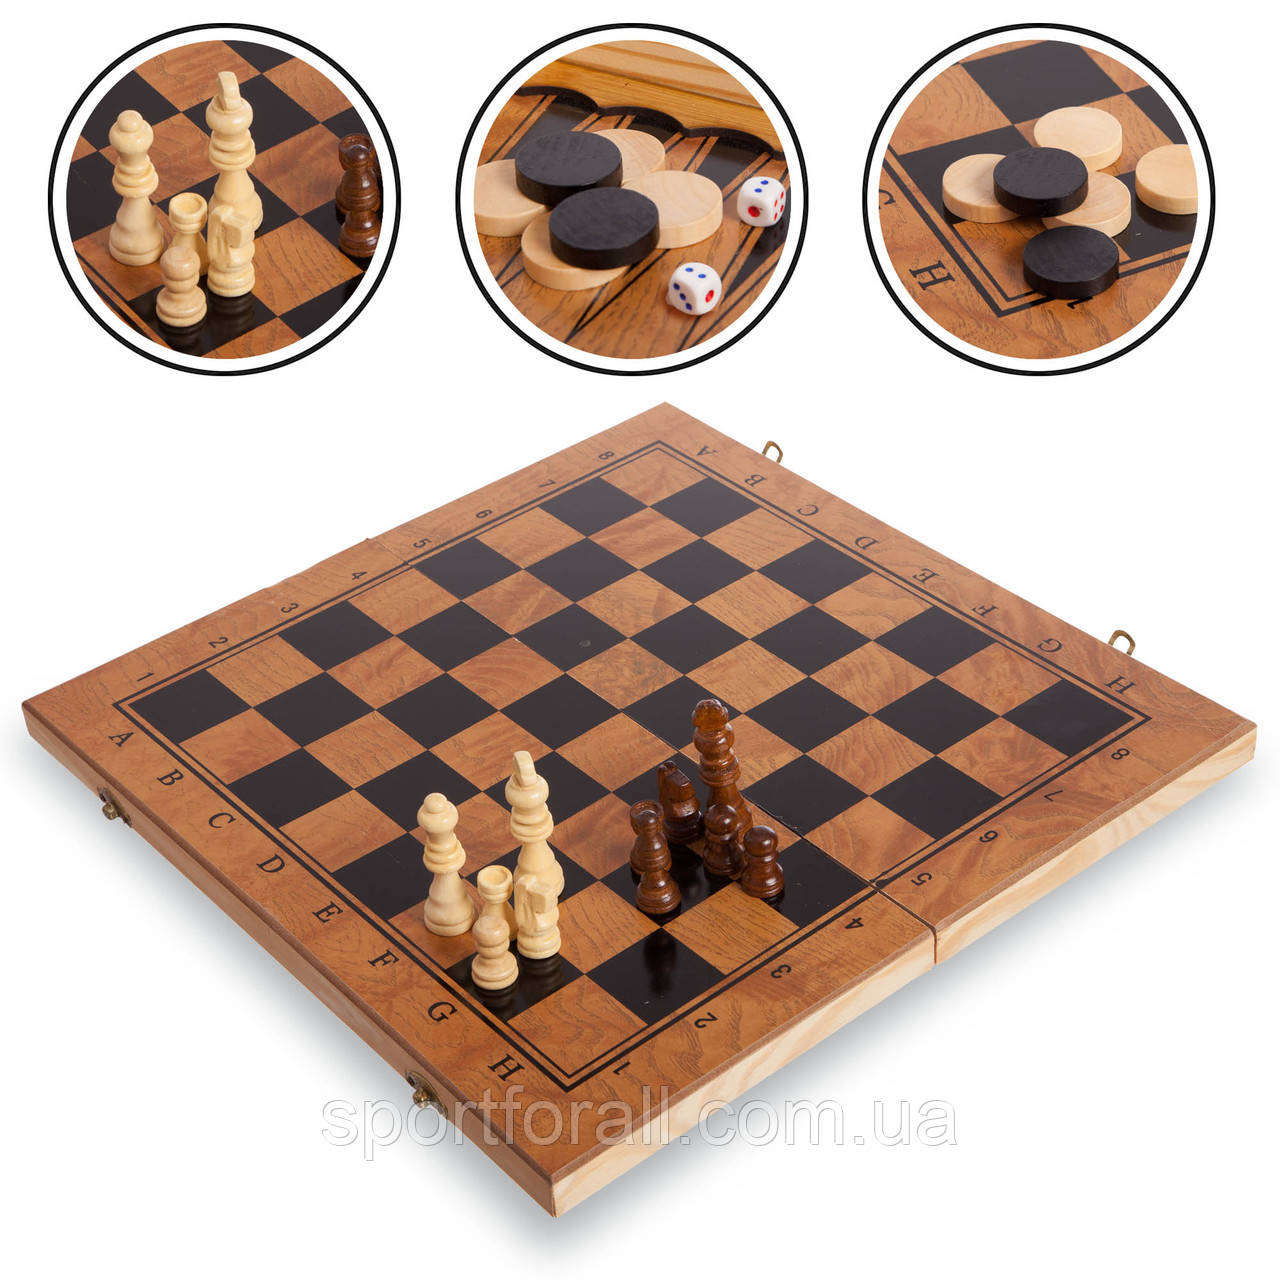 Шахматы, шашки, нарды 3 в 1 деревянные S3029 (фигуры-дерево, р-р доски 29см x 29см)